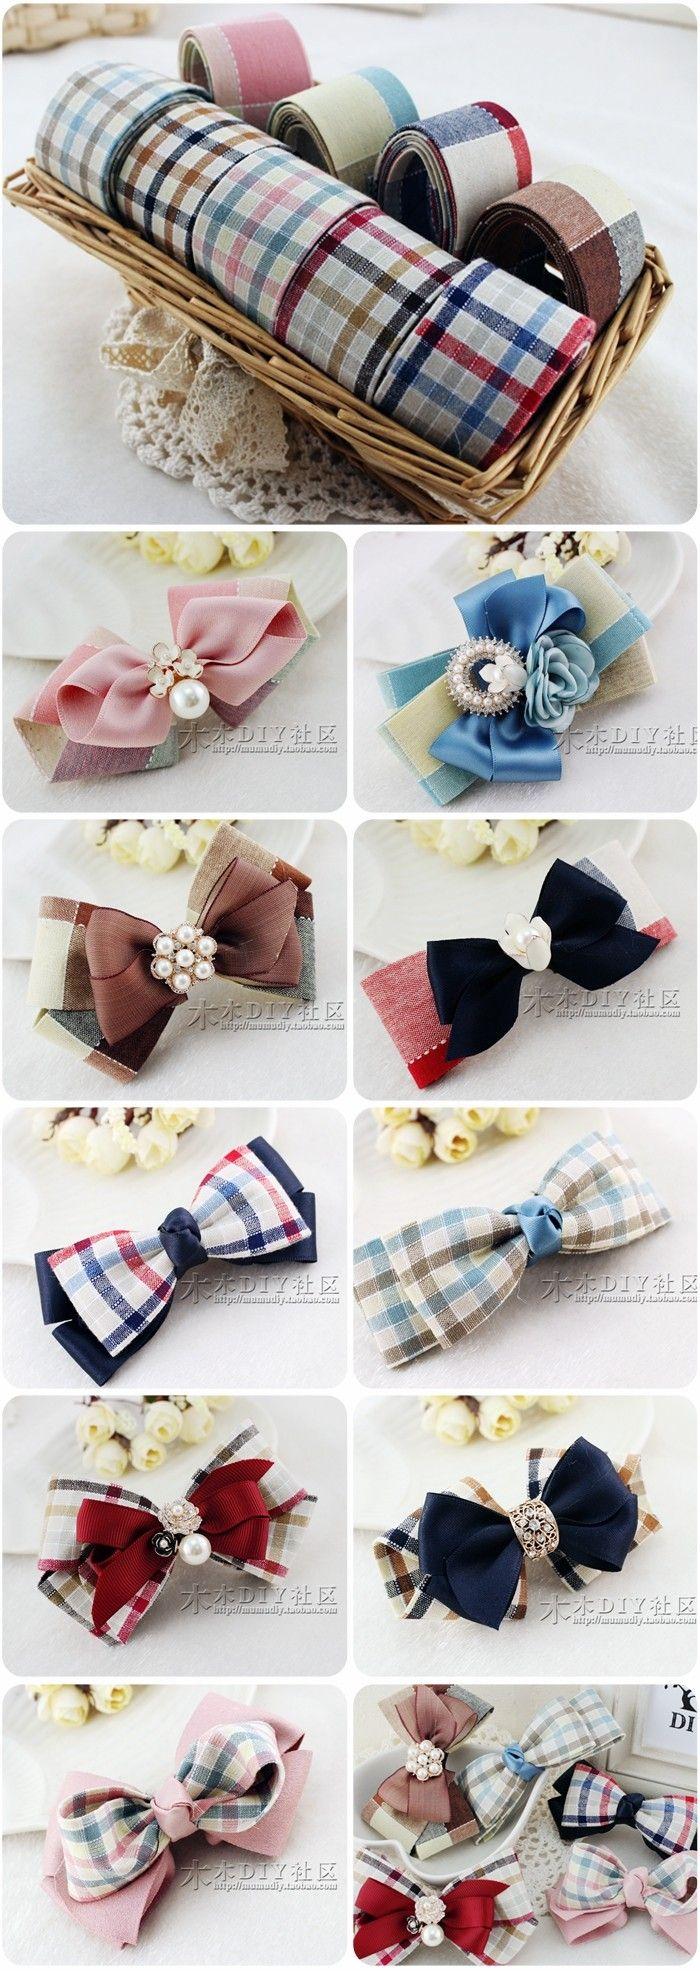 【木木DIY社区】丝带 布带类 色织浅色系方格布带